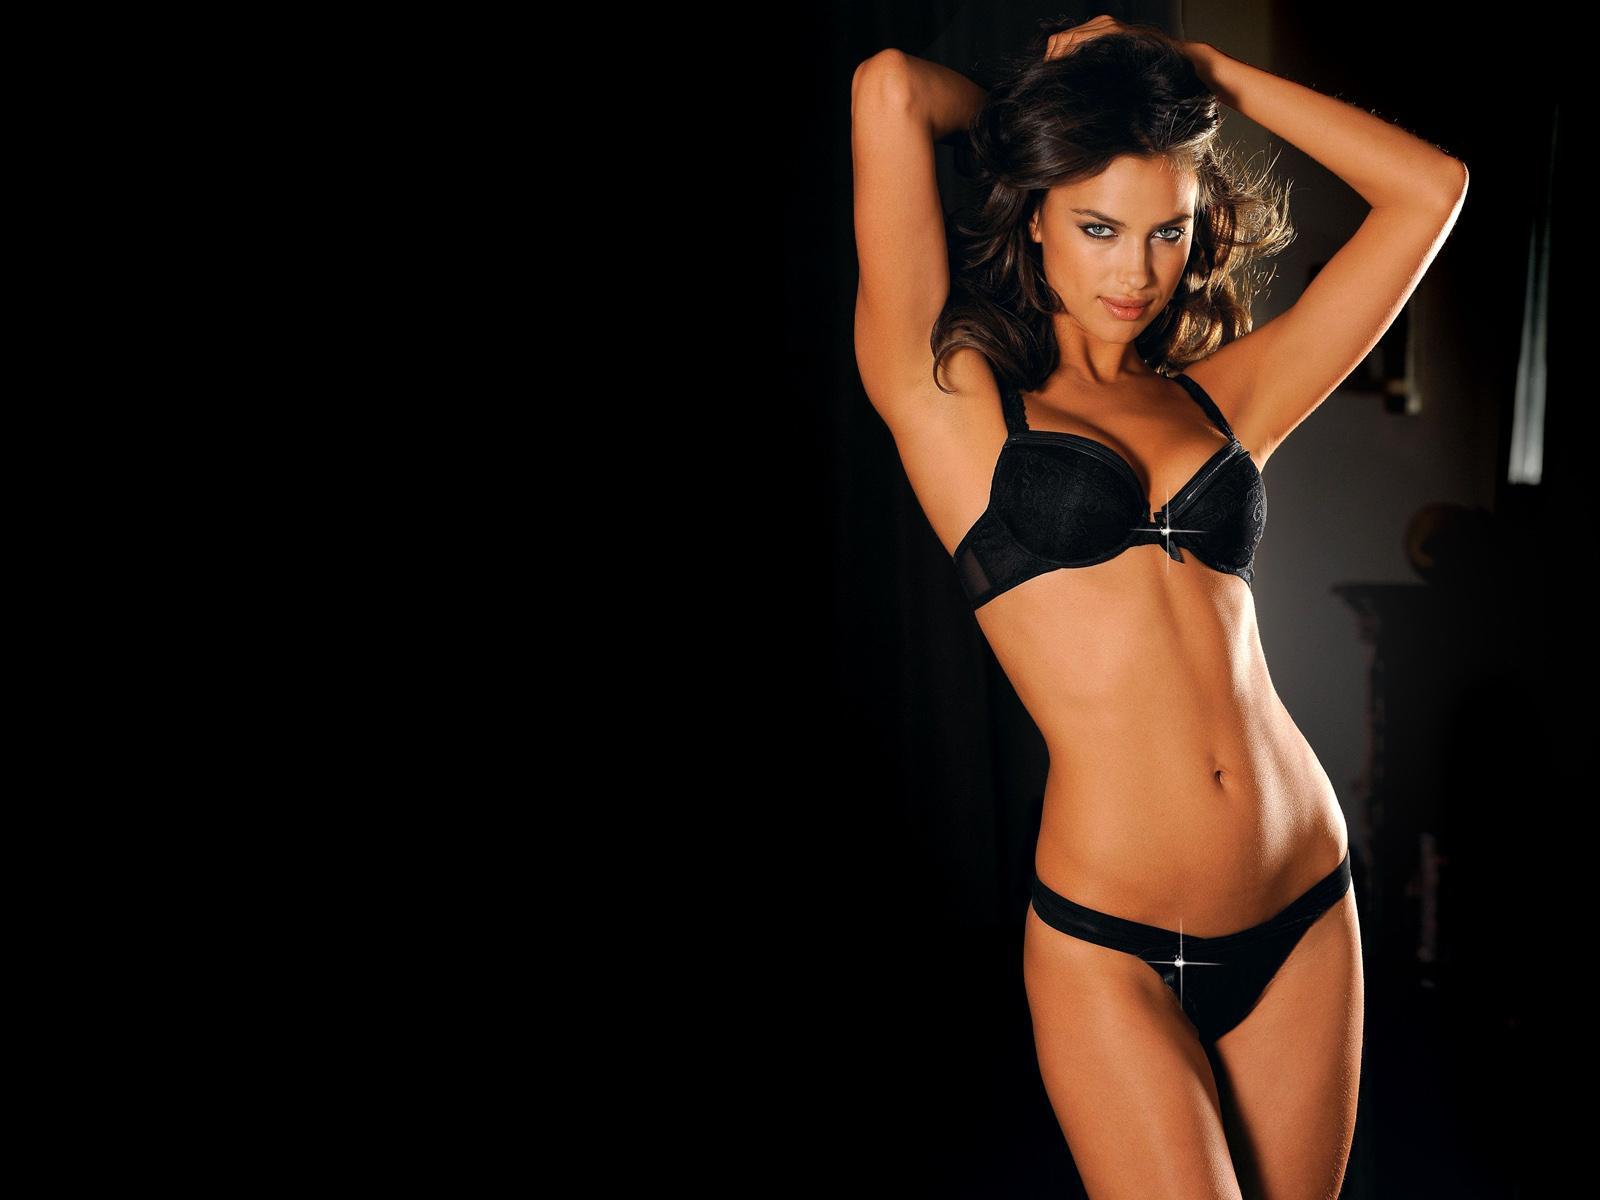 Gorgeous Latin Body 38